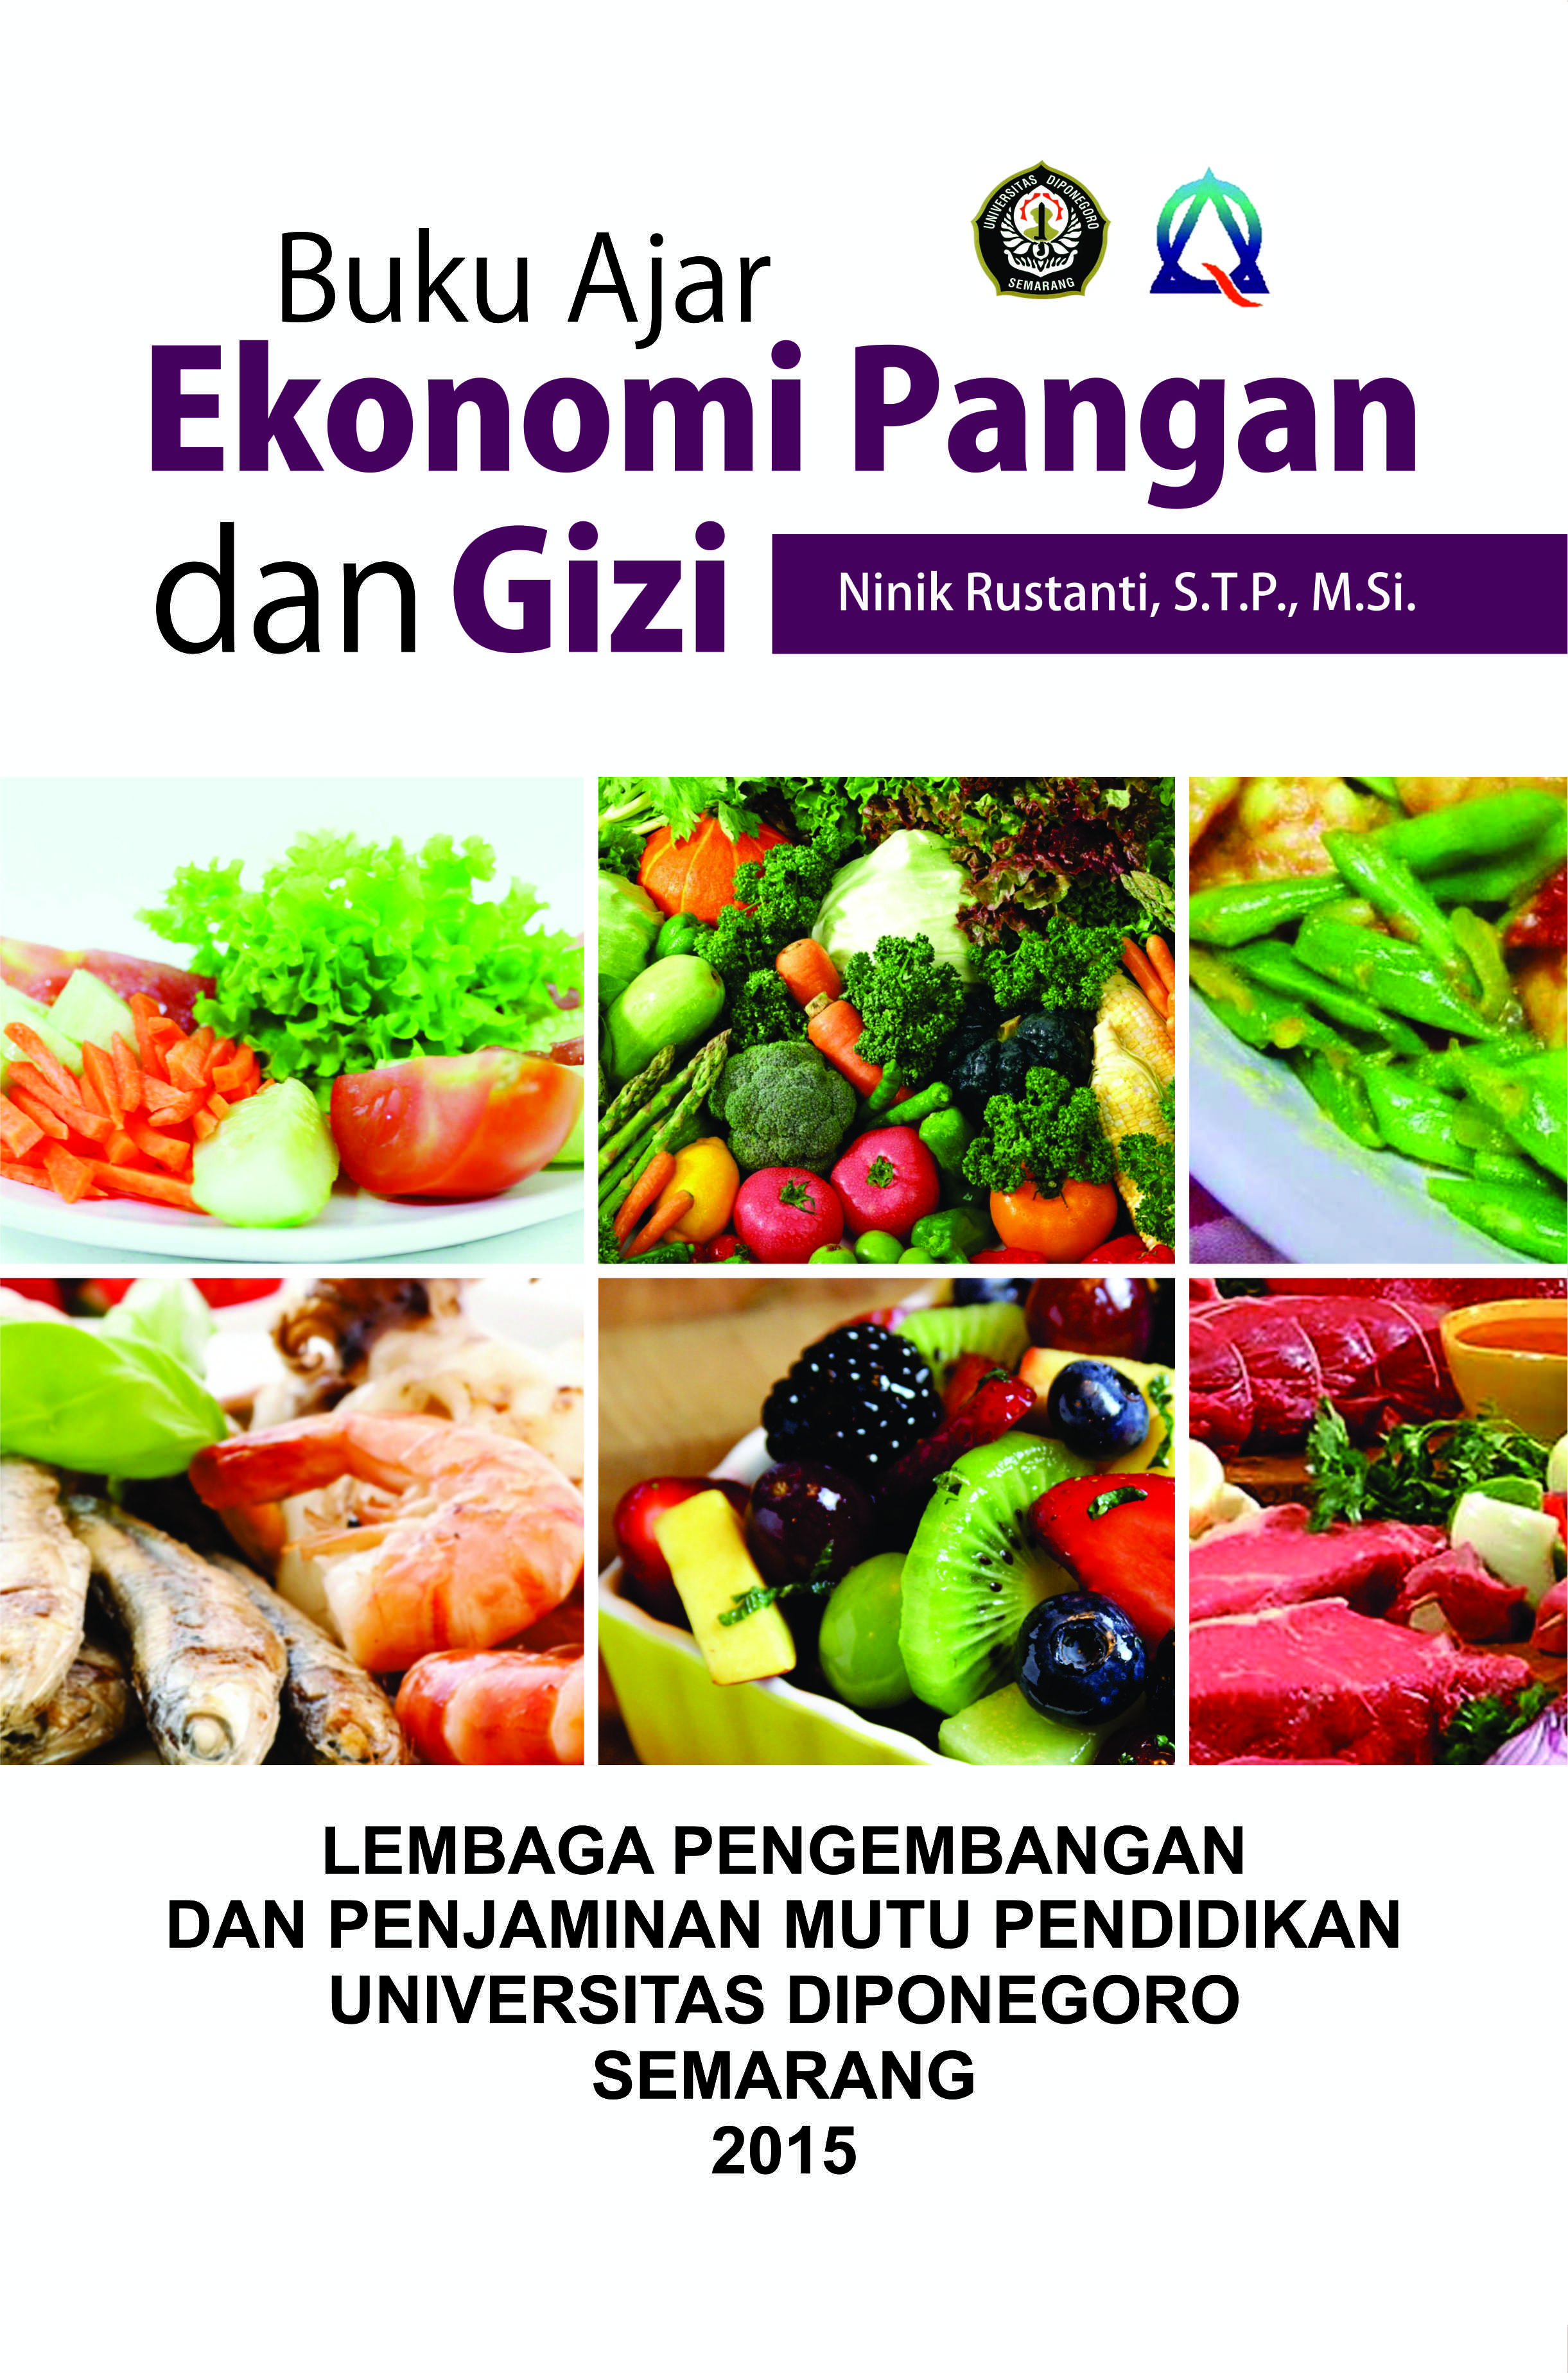 Buku ajar ekonomi pangan dan gizi [sumber elektronis]